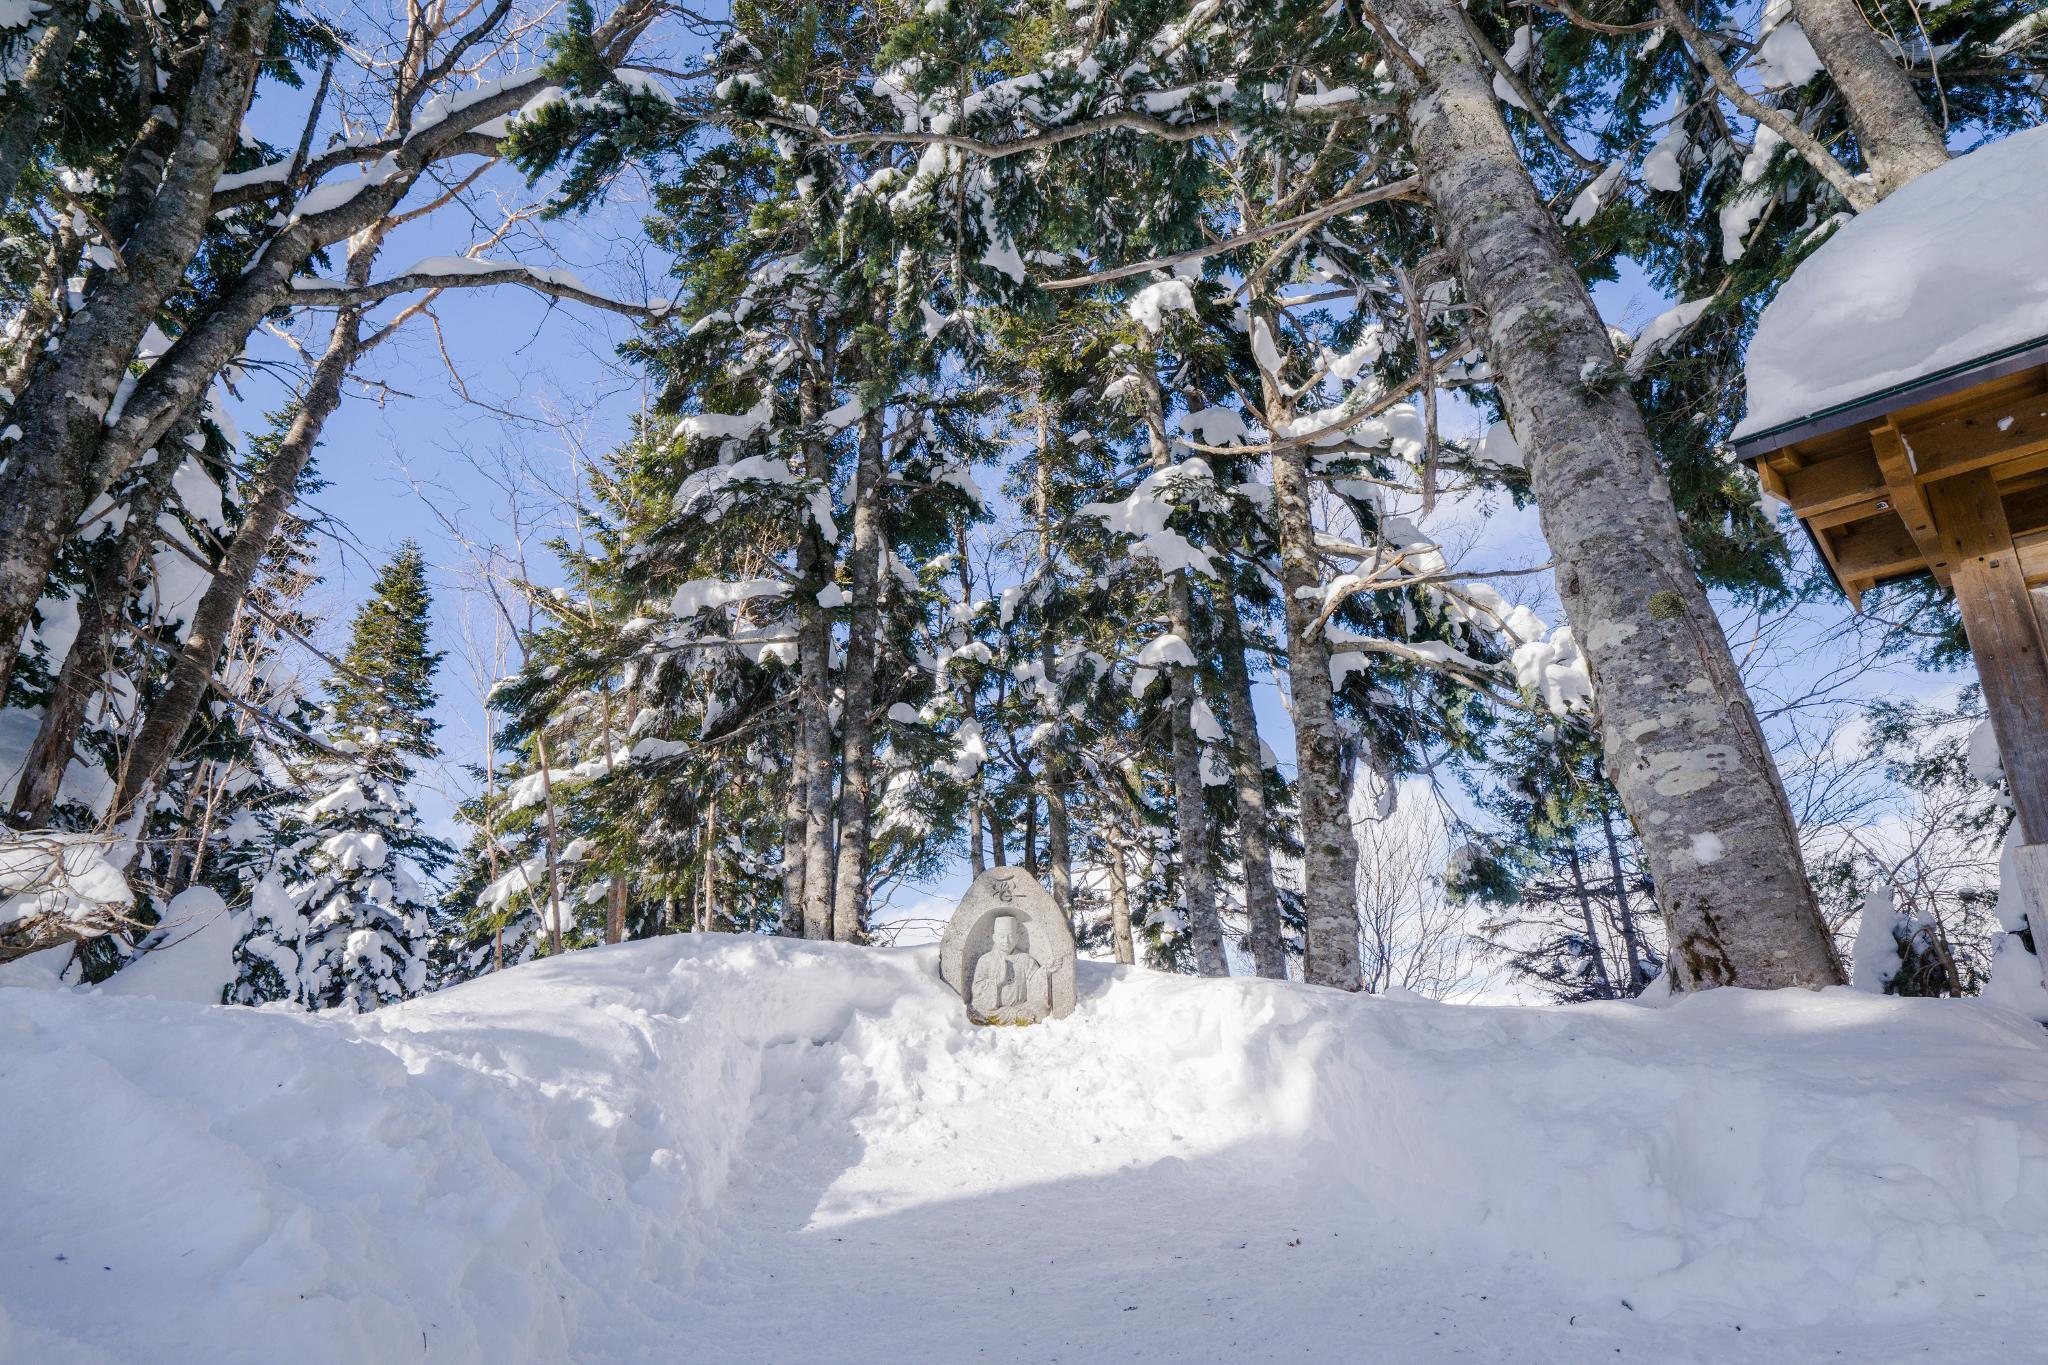 【岐阜】超級推薦!奧飛驒溫泉鄉的冬季戀歌 ~ 新穗高纜車雪景攻略 119